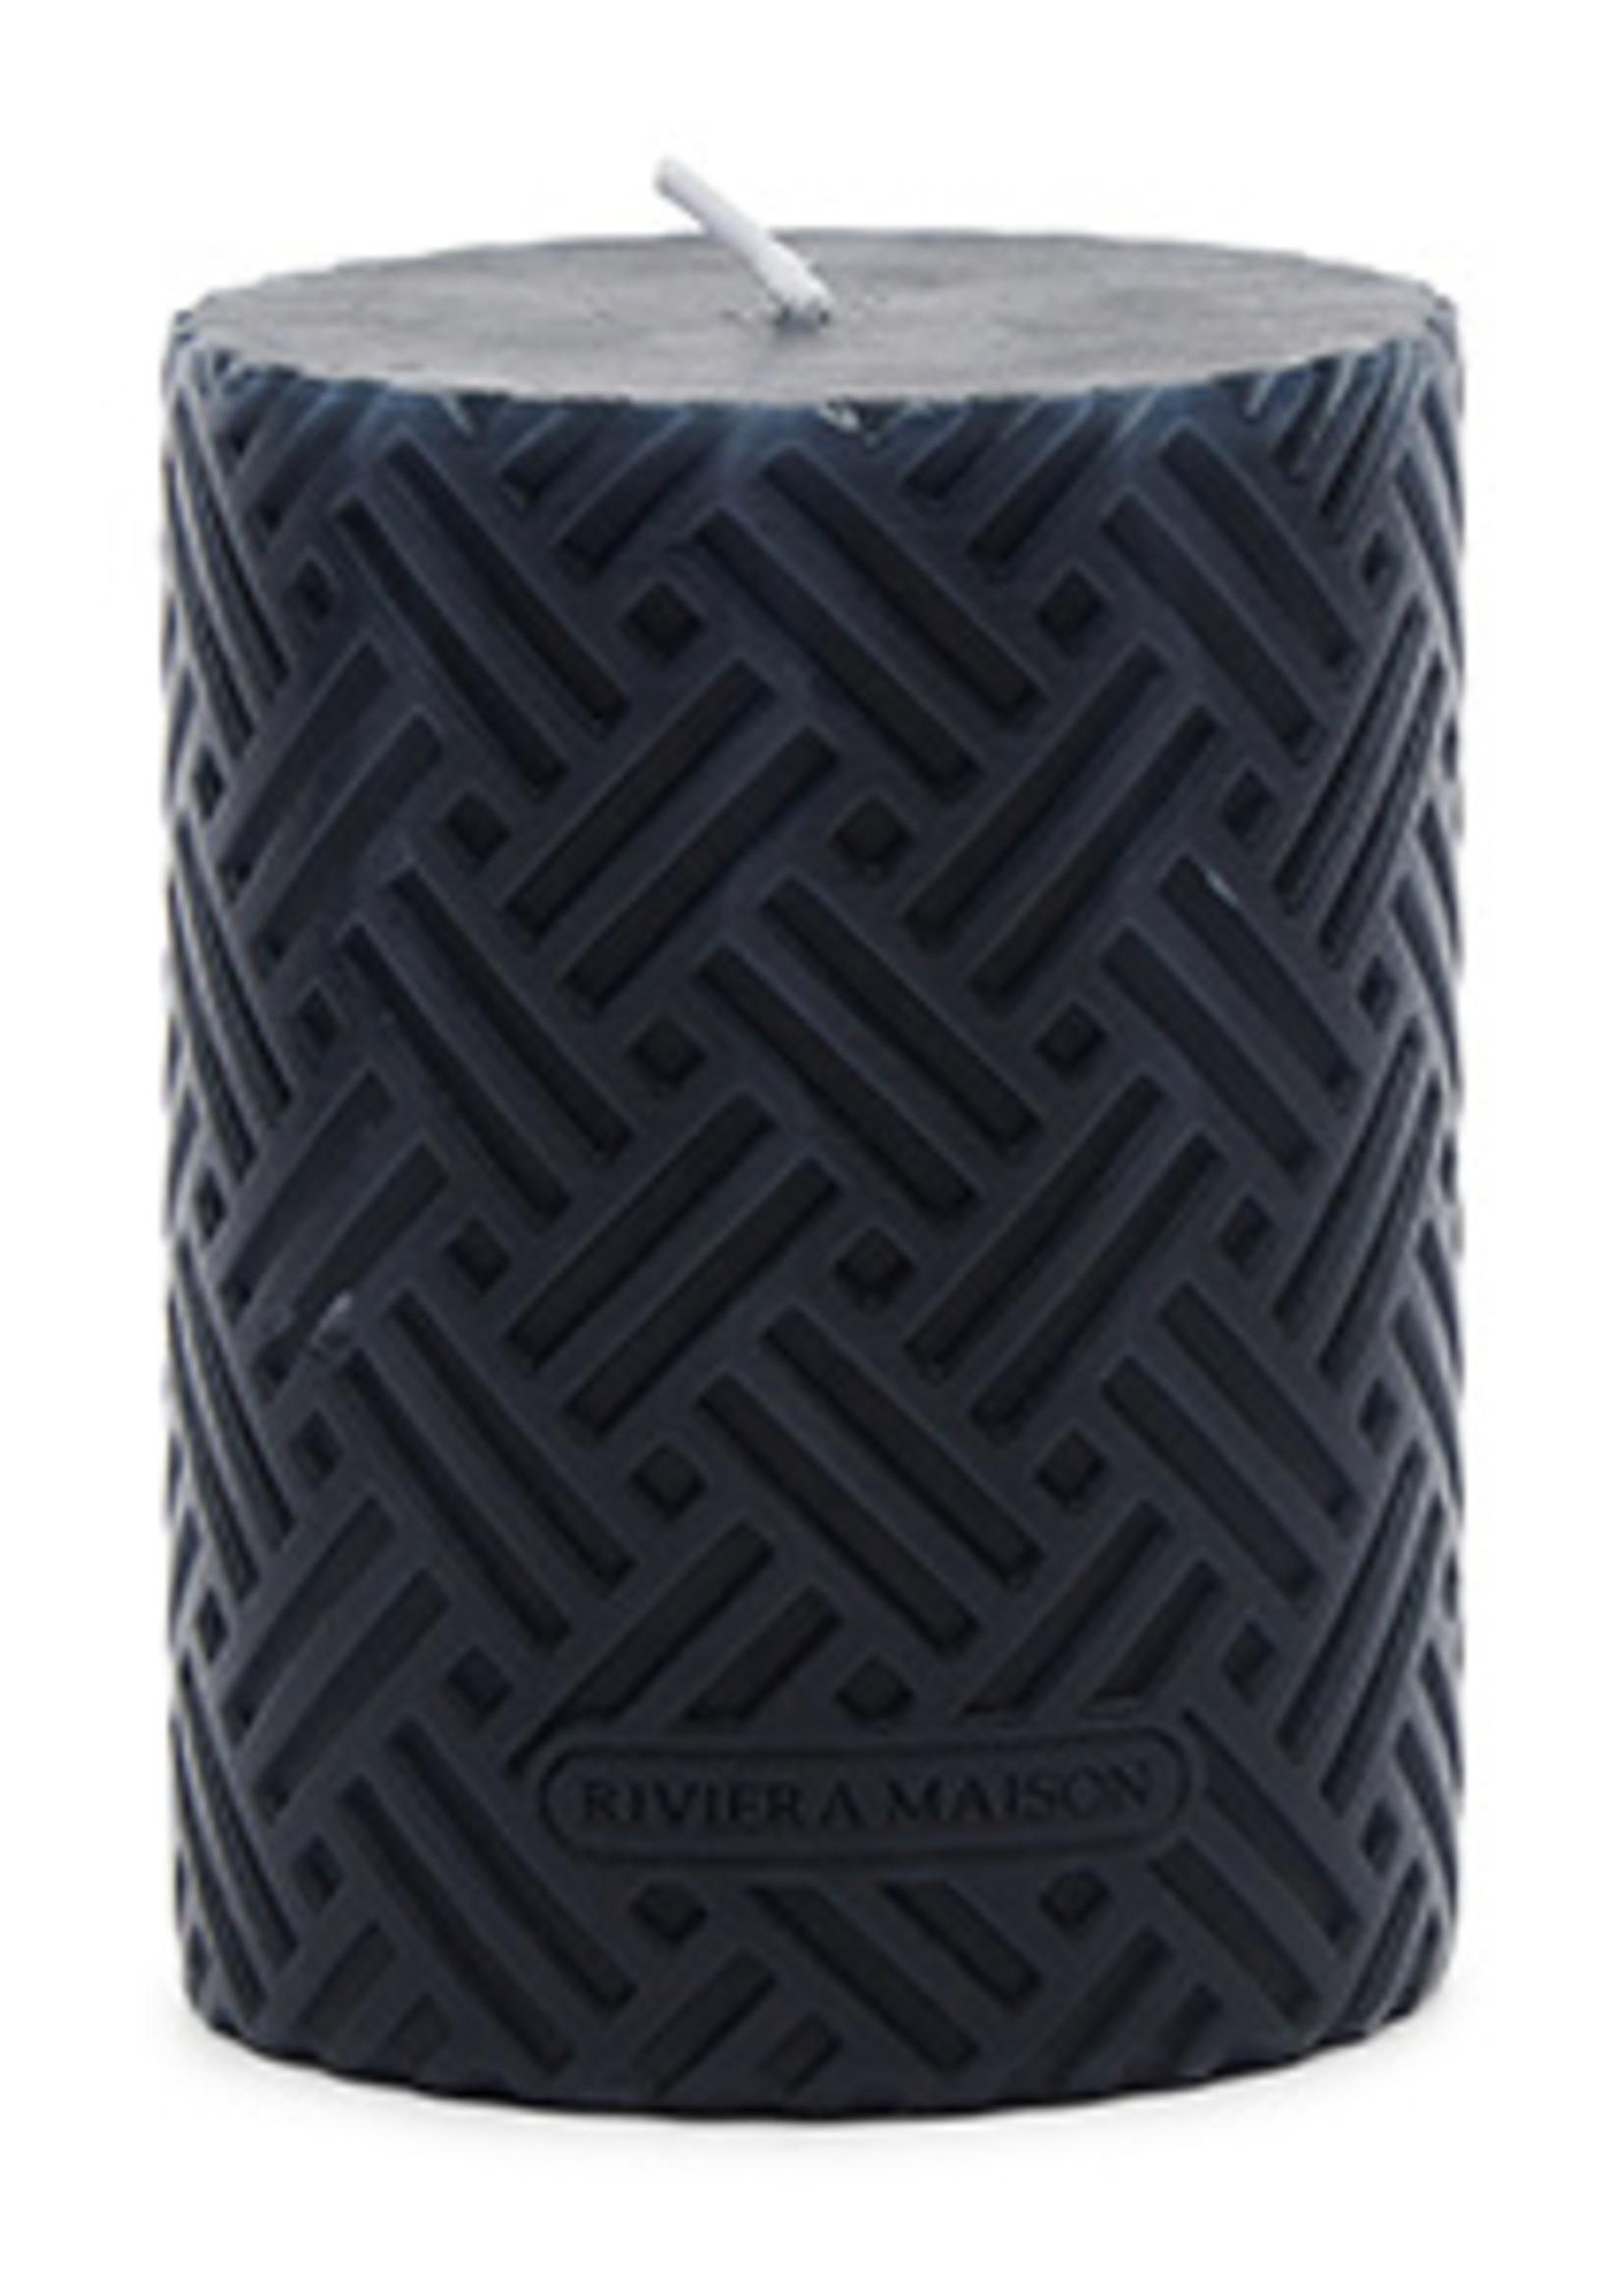 Riviera Maison Yacht Club Candle 7x10